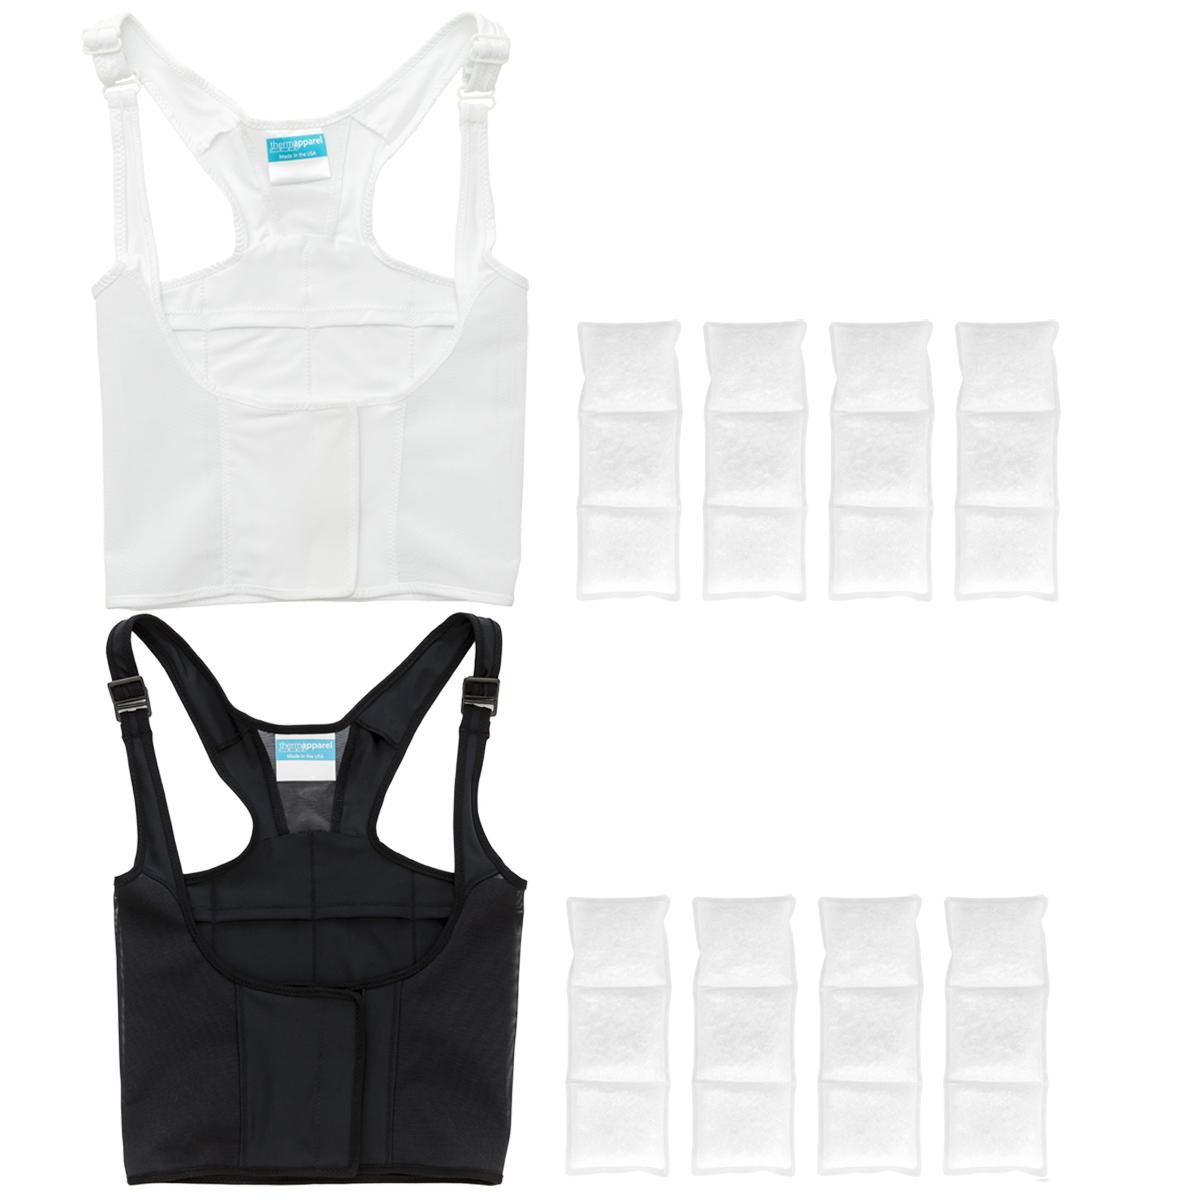 UnderCool Safari Bundle, 1 black UnderCool, 1 white UnderCool, 2 sets of cooling packs (8 total)